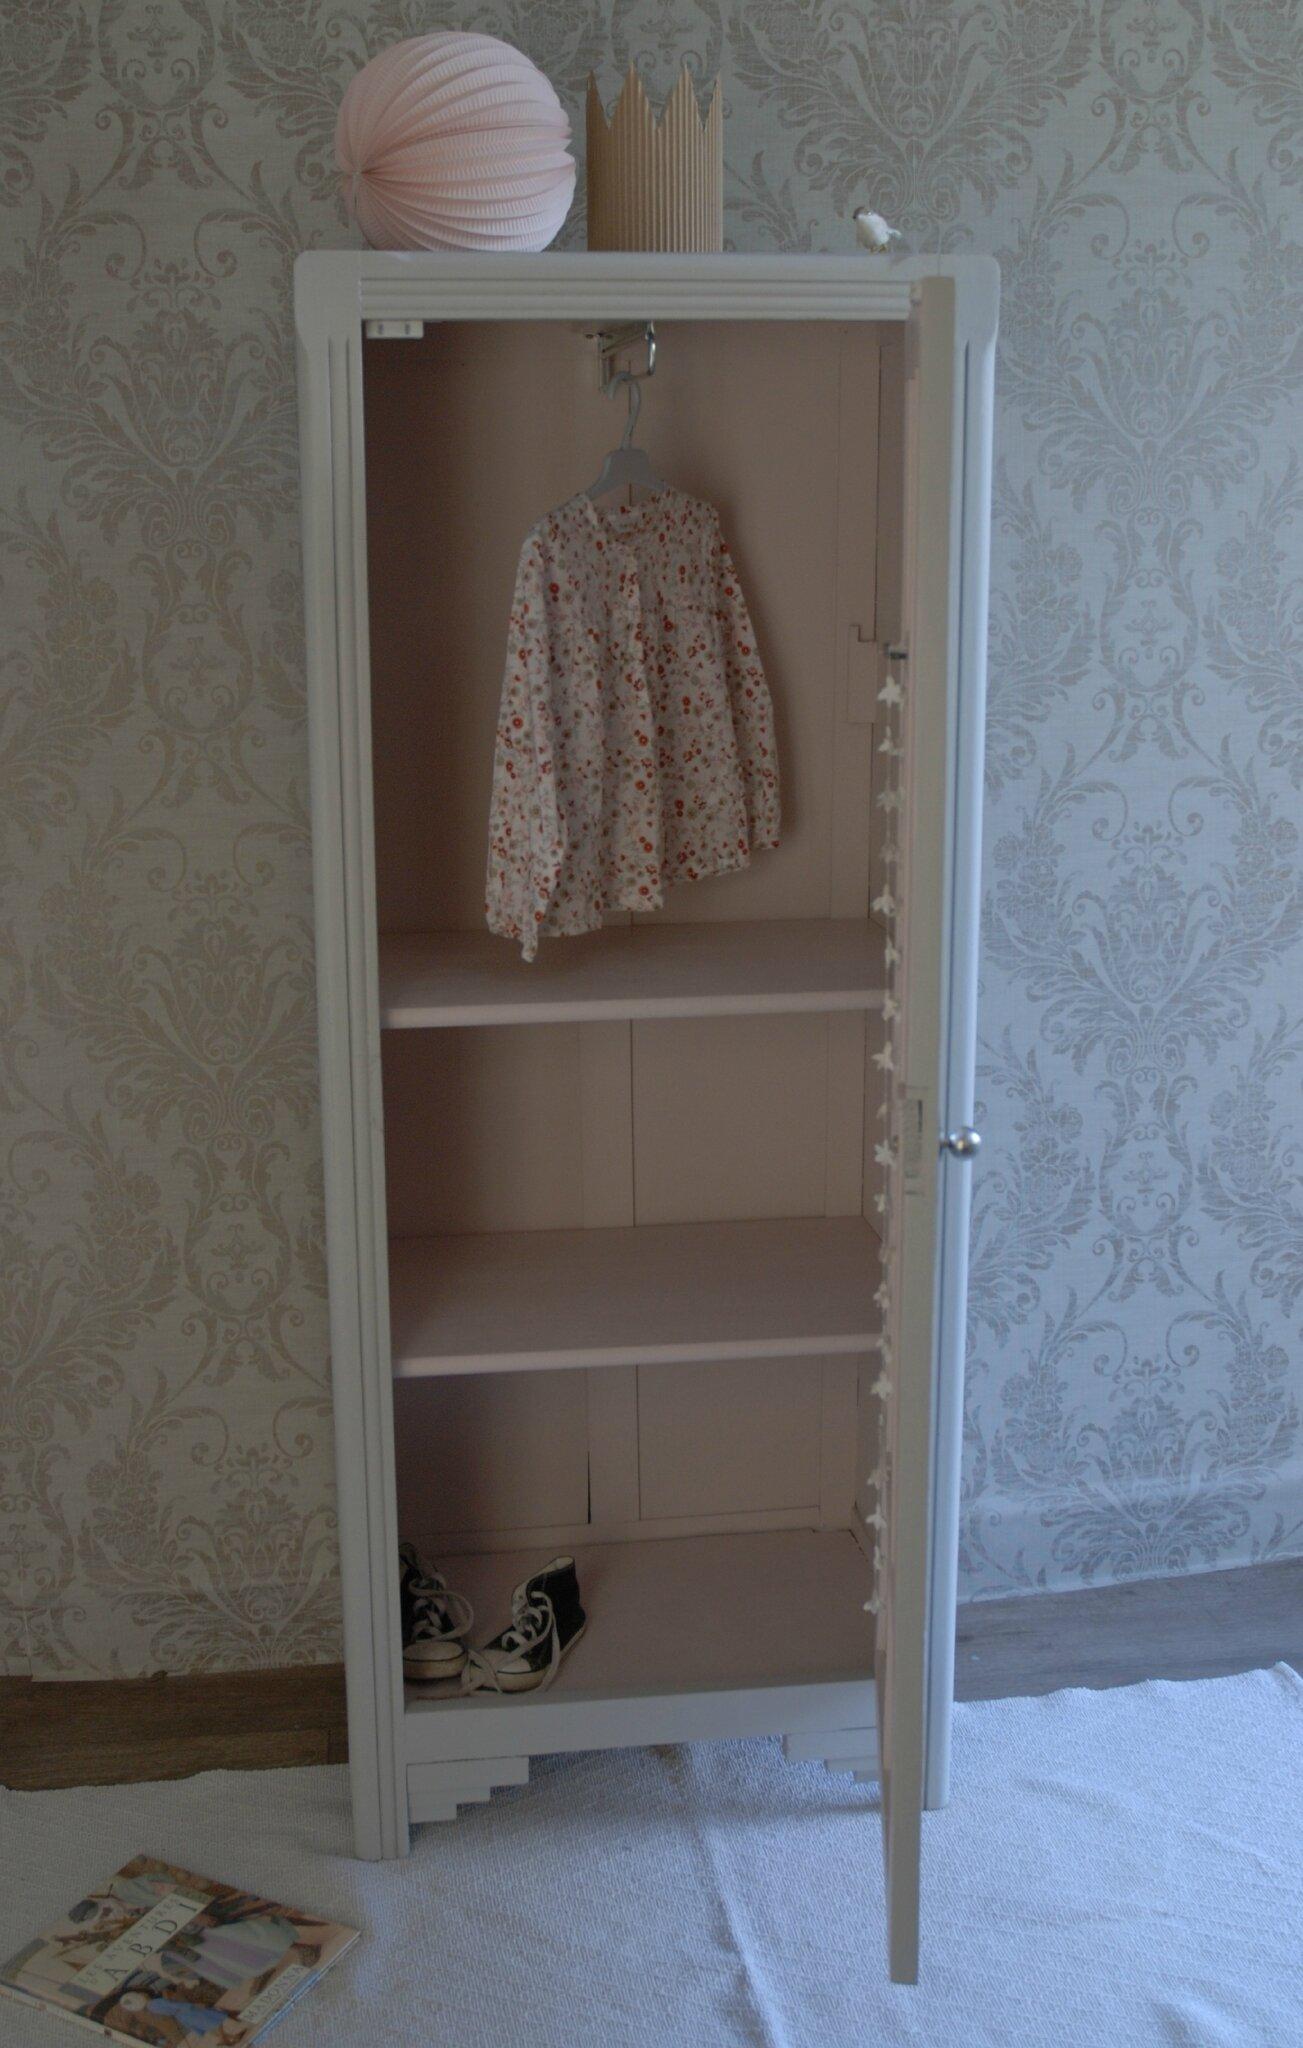 petite armoire gris sable vendue atelier vintage. Black Bedroom Furniture Sets. Home Design Ideas